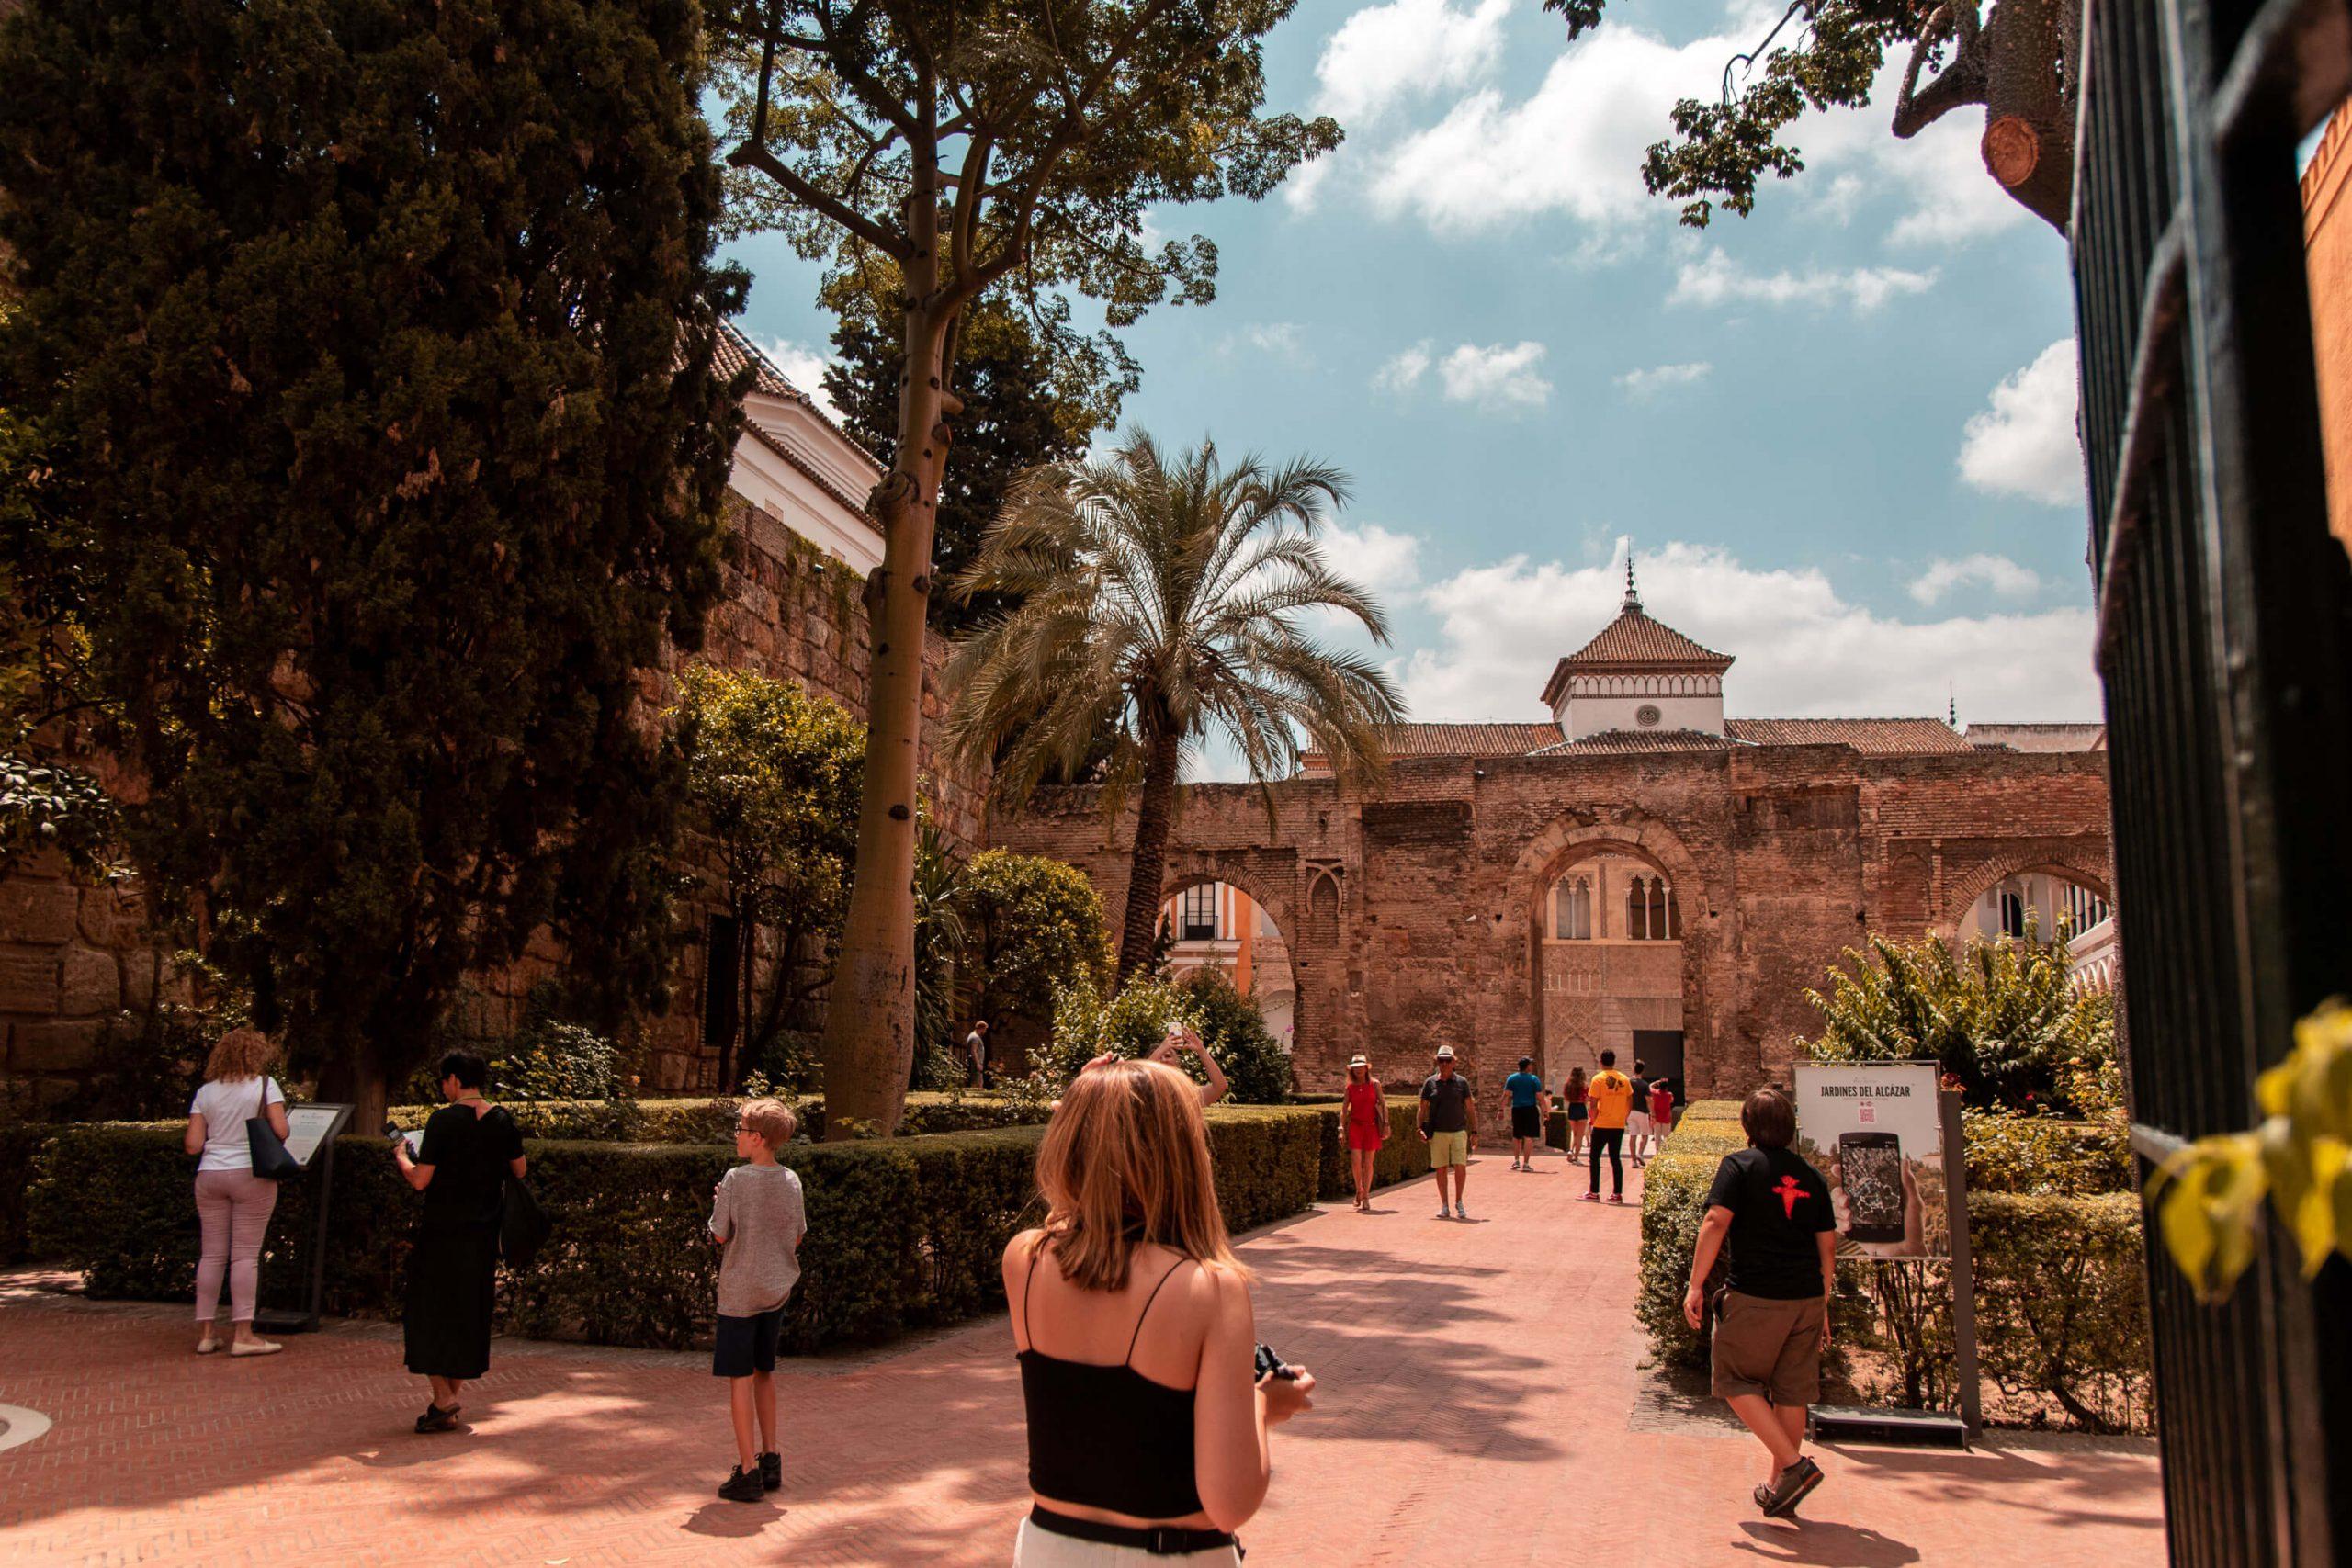 Seville Alcazar Entrance